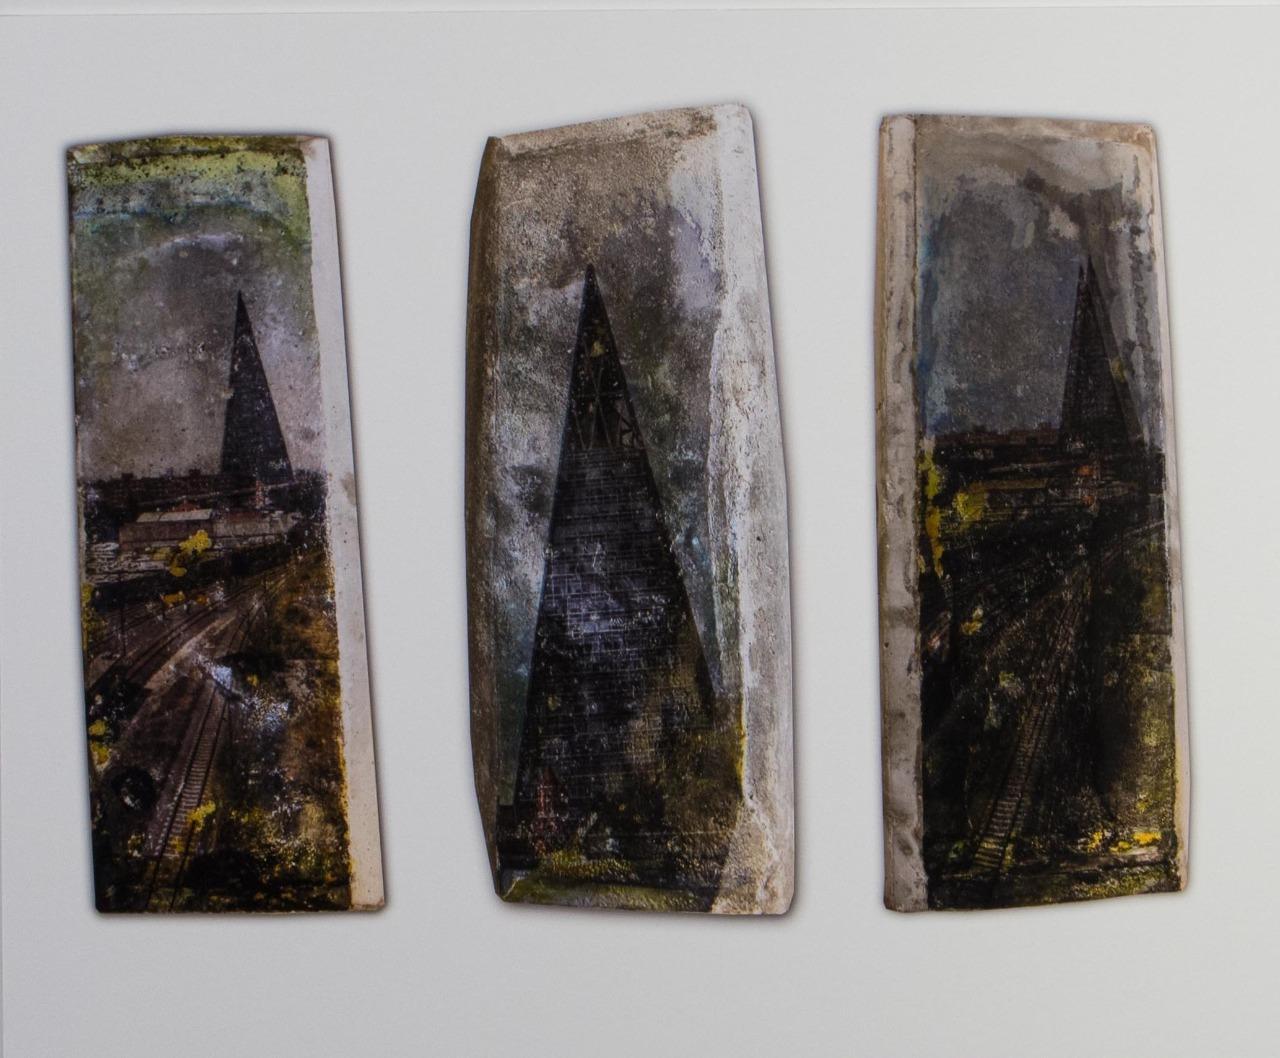 Van Obras, Pablo Zafra, 2018. Fototransferência, 50 x 45 cm, fotografia sobre pvc.